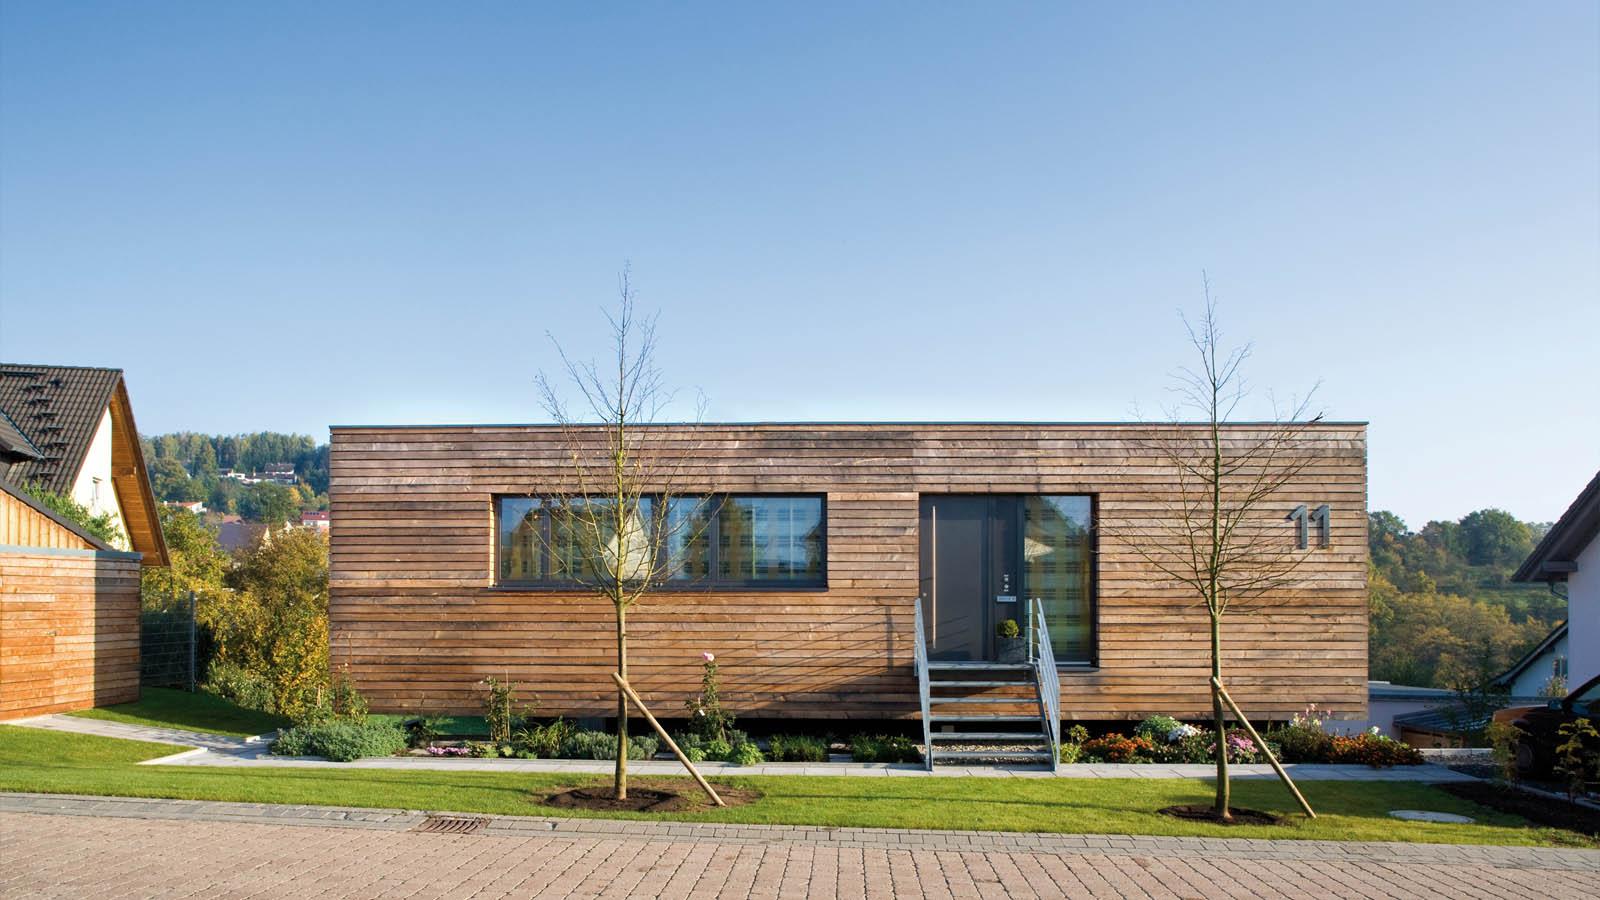 f1 wohnbox am hang h2m architekten ingenieure. Black Bedroom Furniture Sets. Home Design Ideas